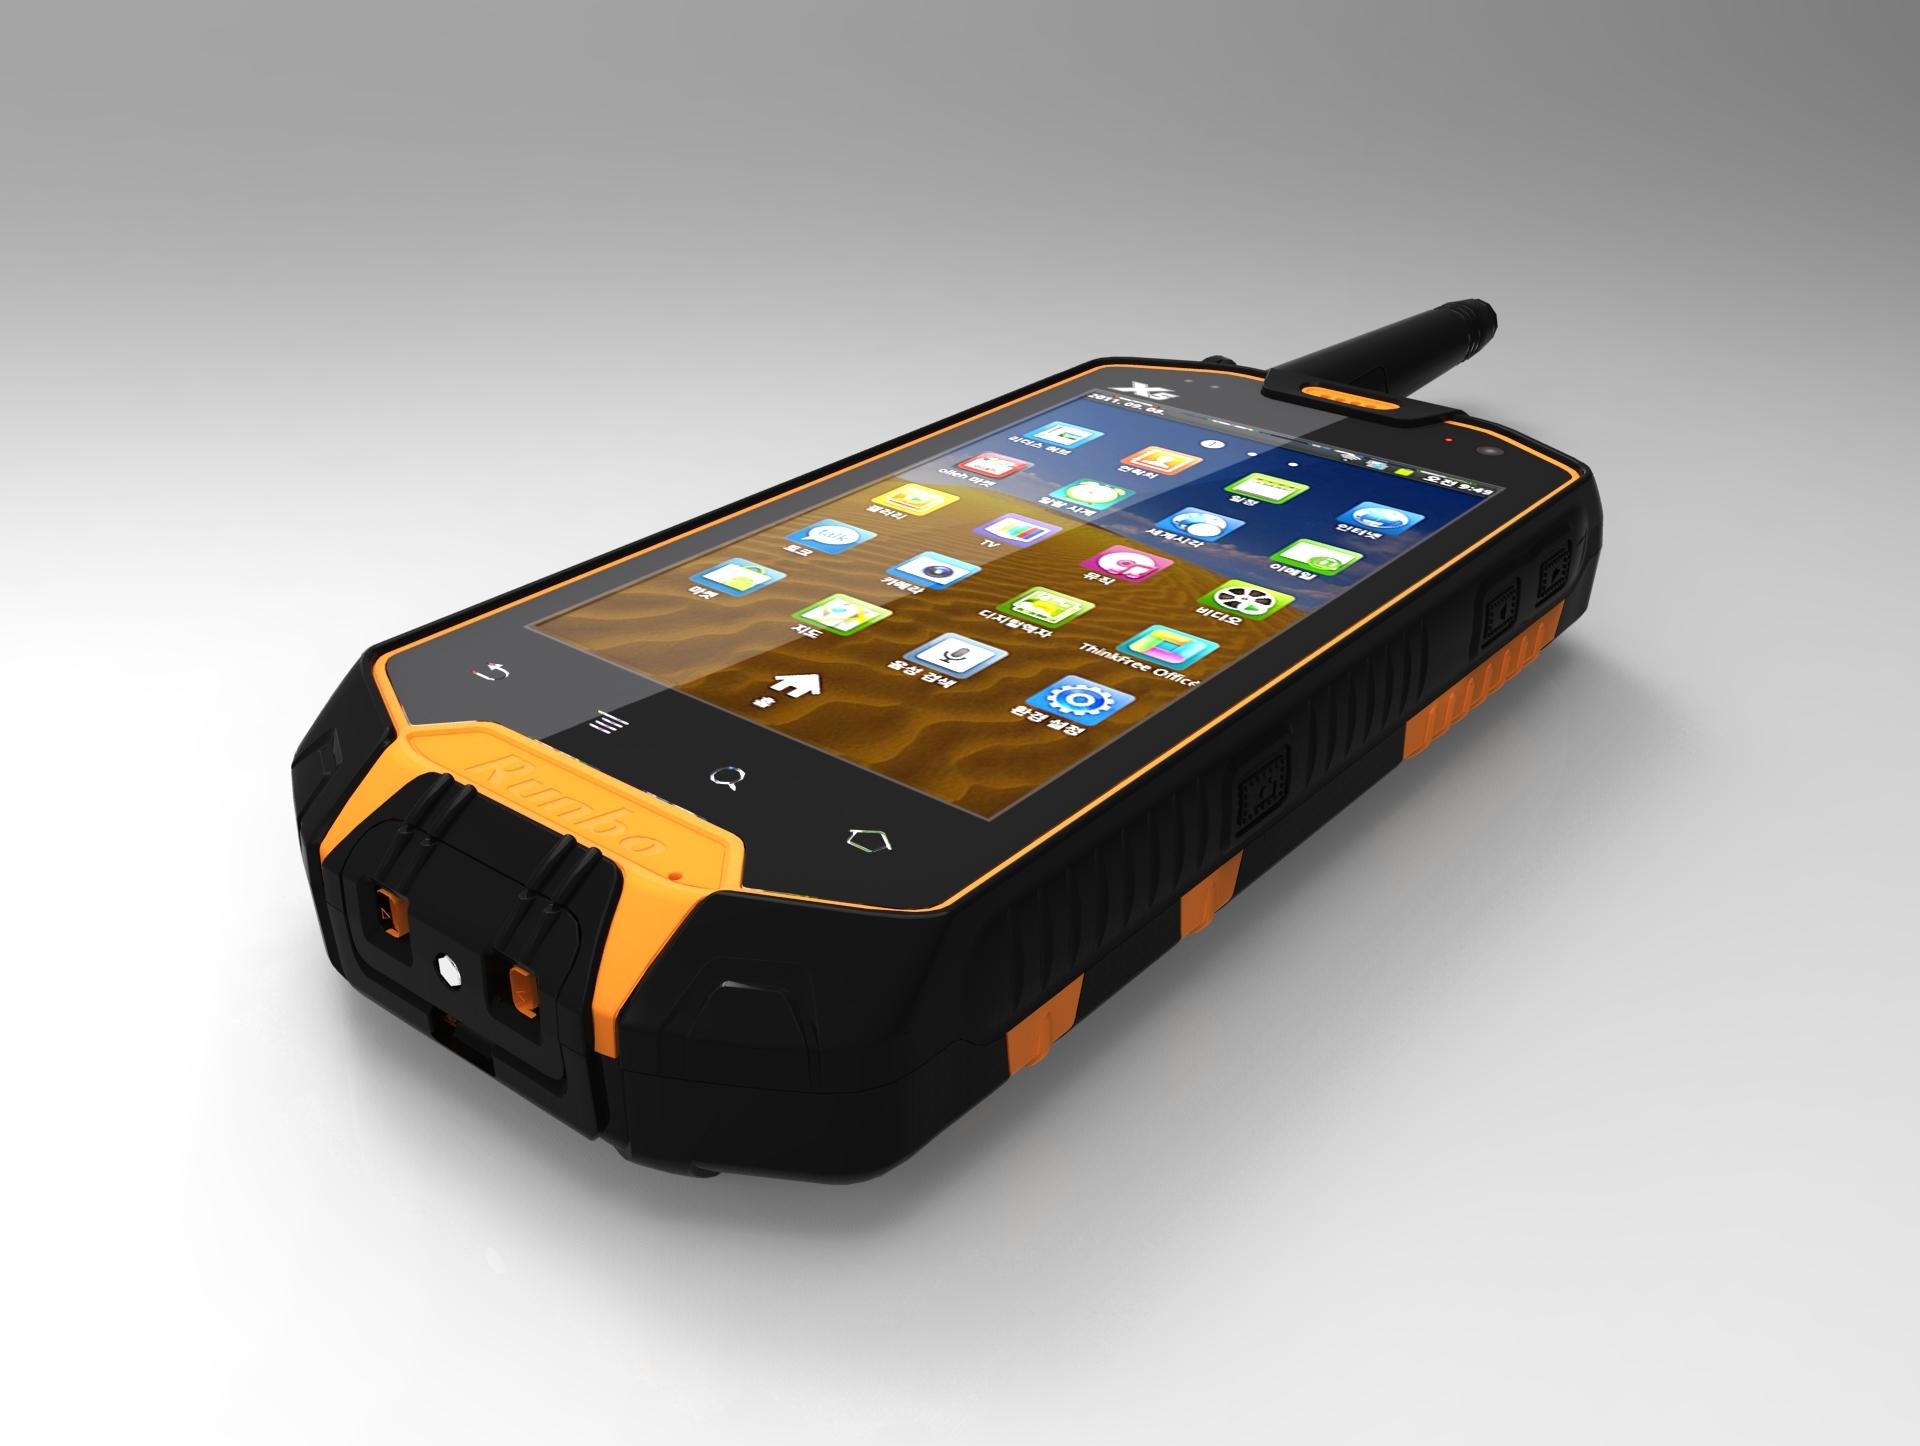 защищенные смартфоны с большим экраном фото